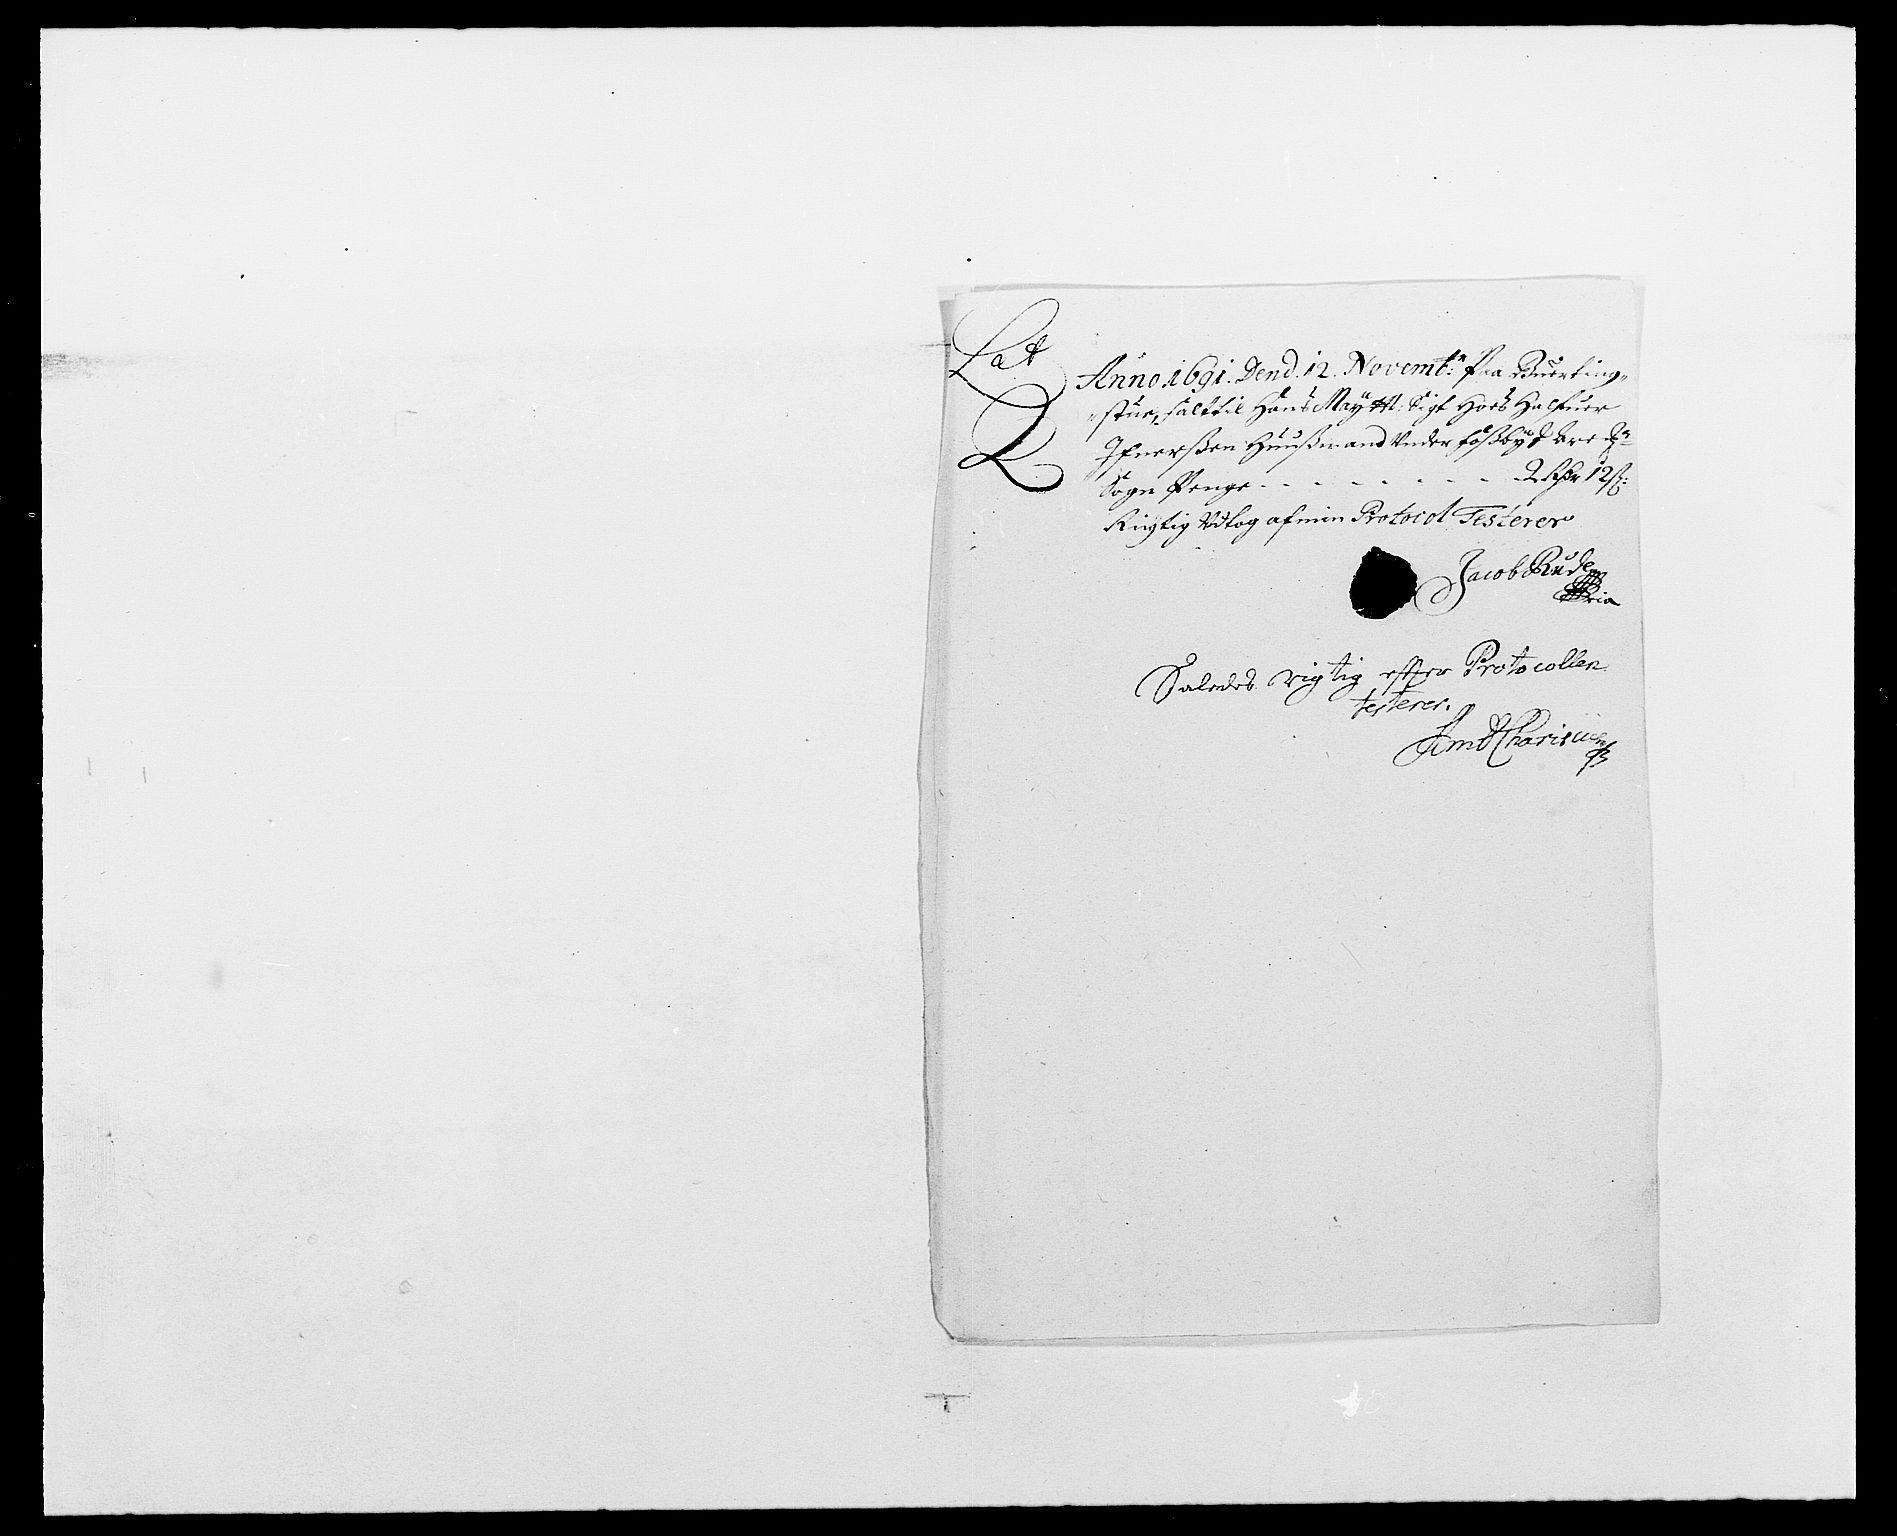 RA, Rentekammeret inntil 1814, Reviderte regnskaper, Fogderegnskap, R01/L0010: Fogderegnskap Idd og Marker, 1690-1691, p. 330